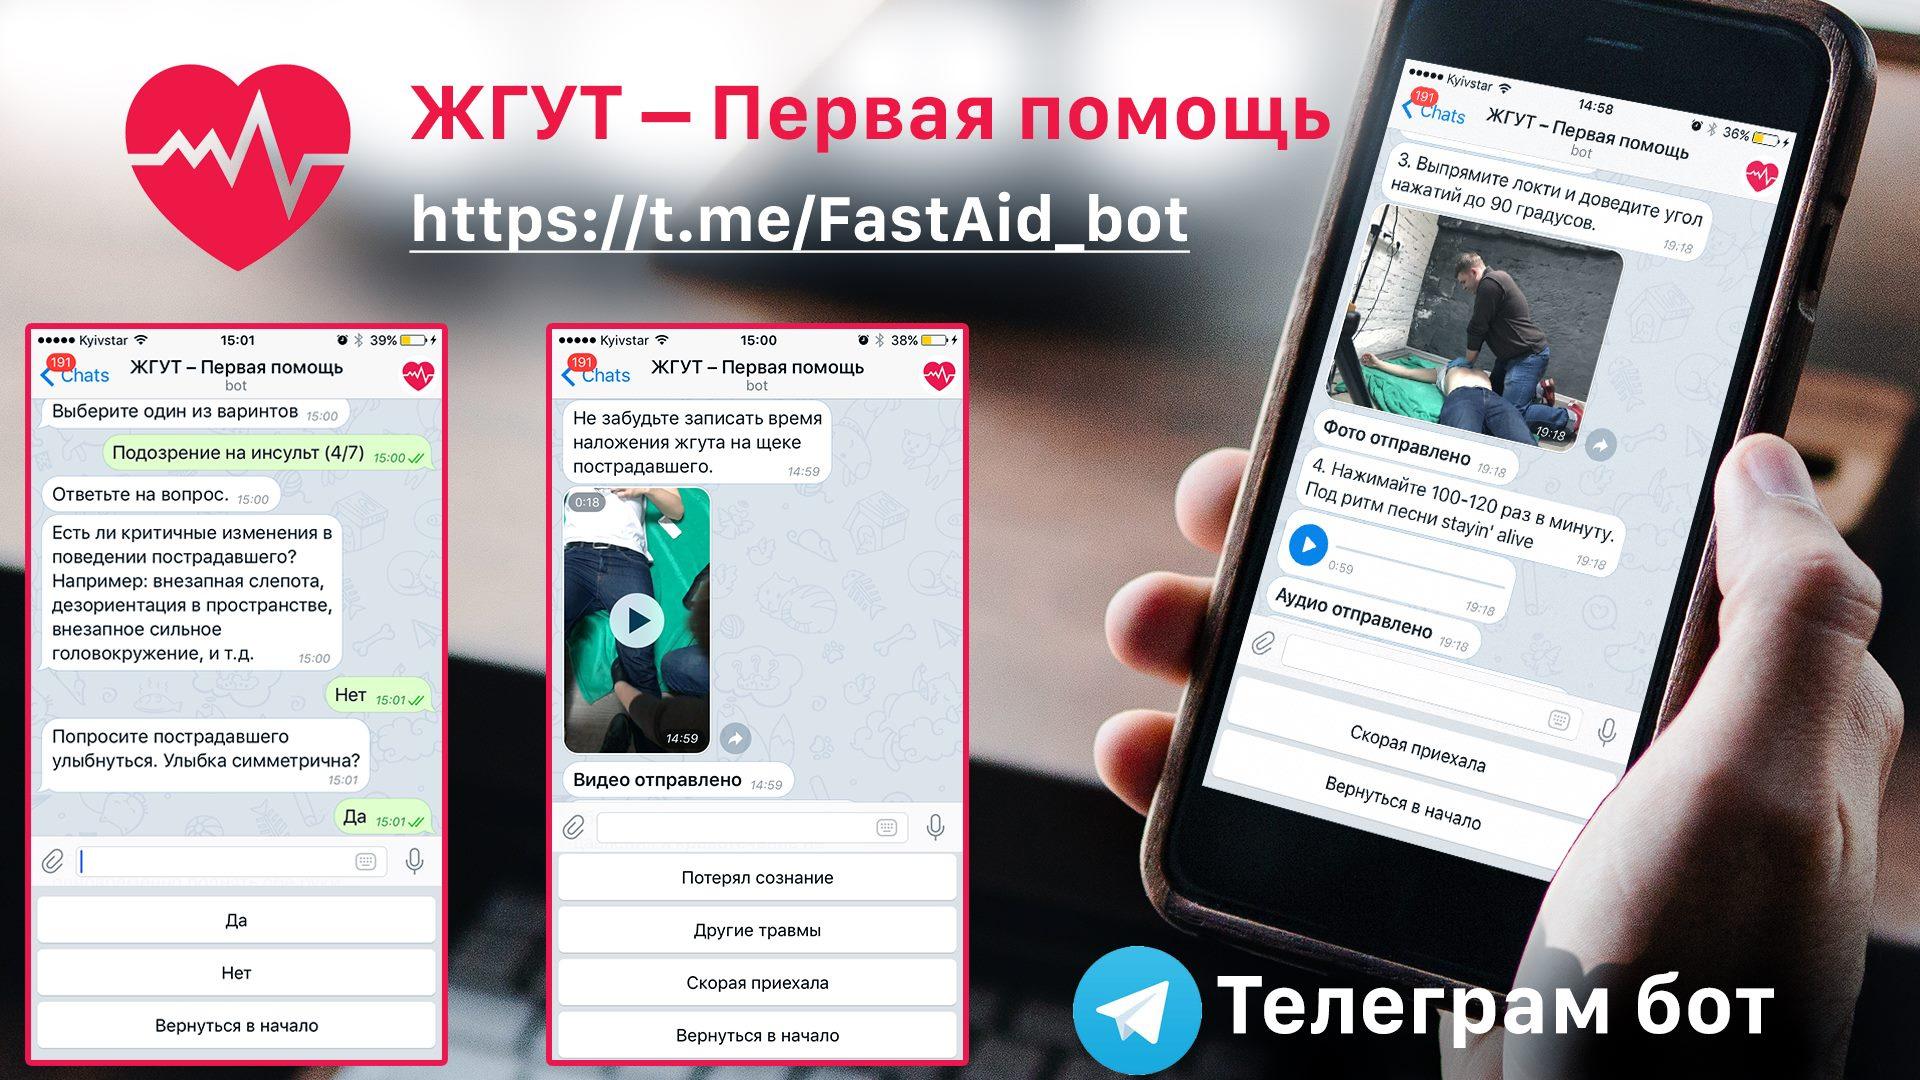 Одесситы учат спасать жизни с помощью Telegram